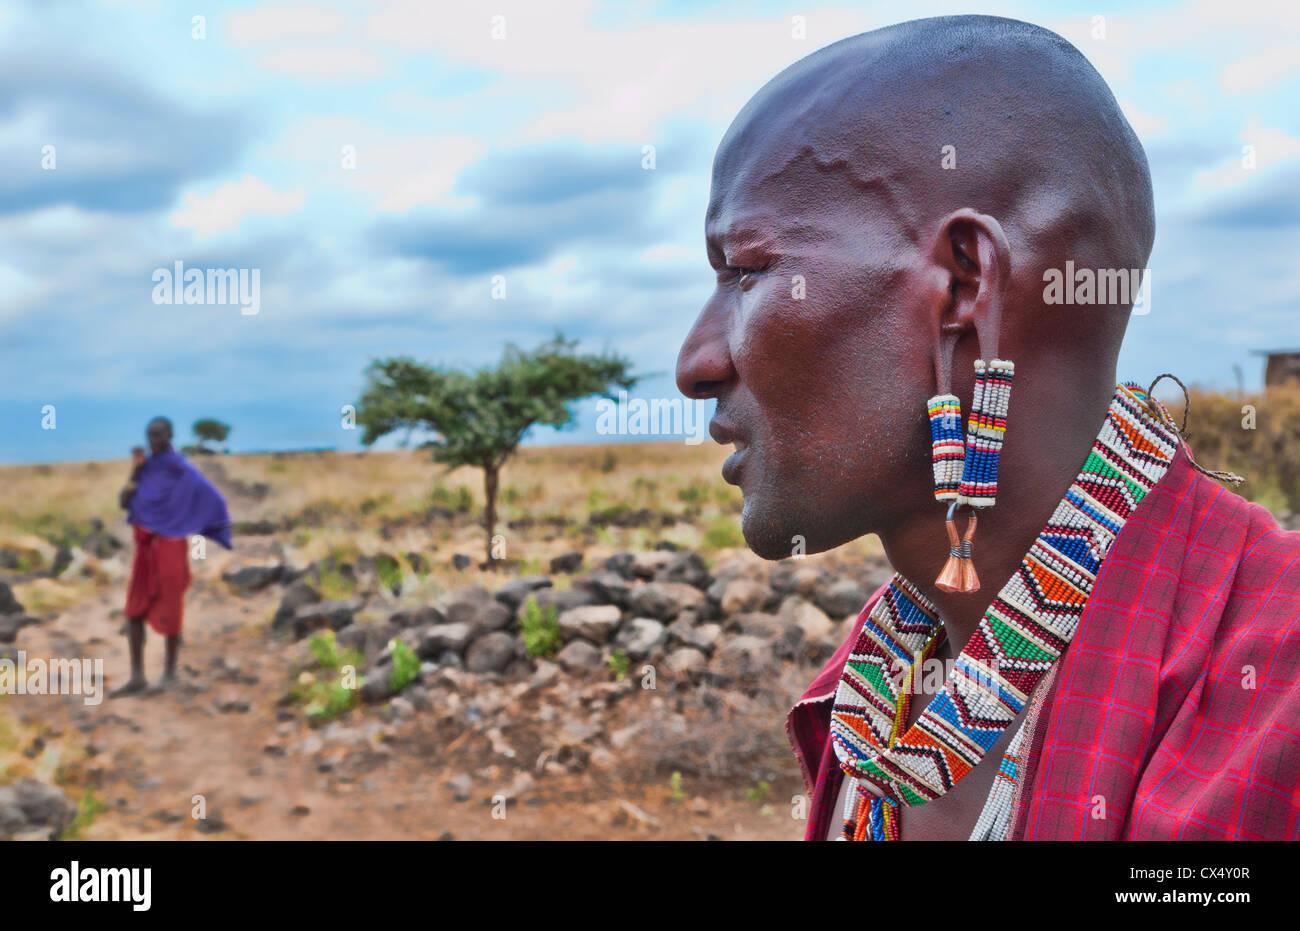 Kenia Afrika Amboseli Maasai Dorf Masai Mann im roten Kostüm Kleid und Perlen Nahaufnahme von Schmuck in abgelegenen Stockbild